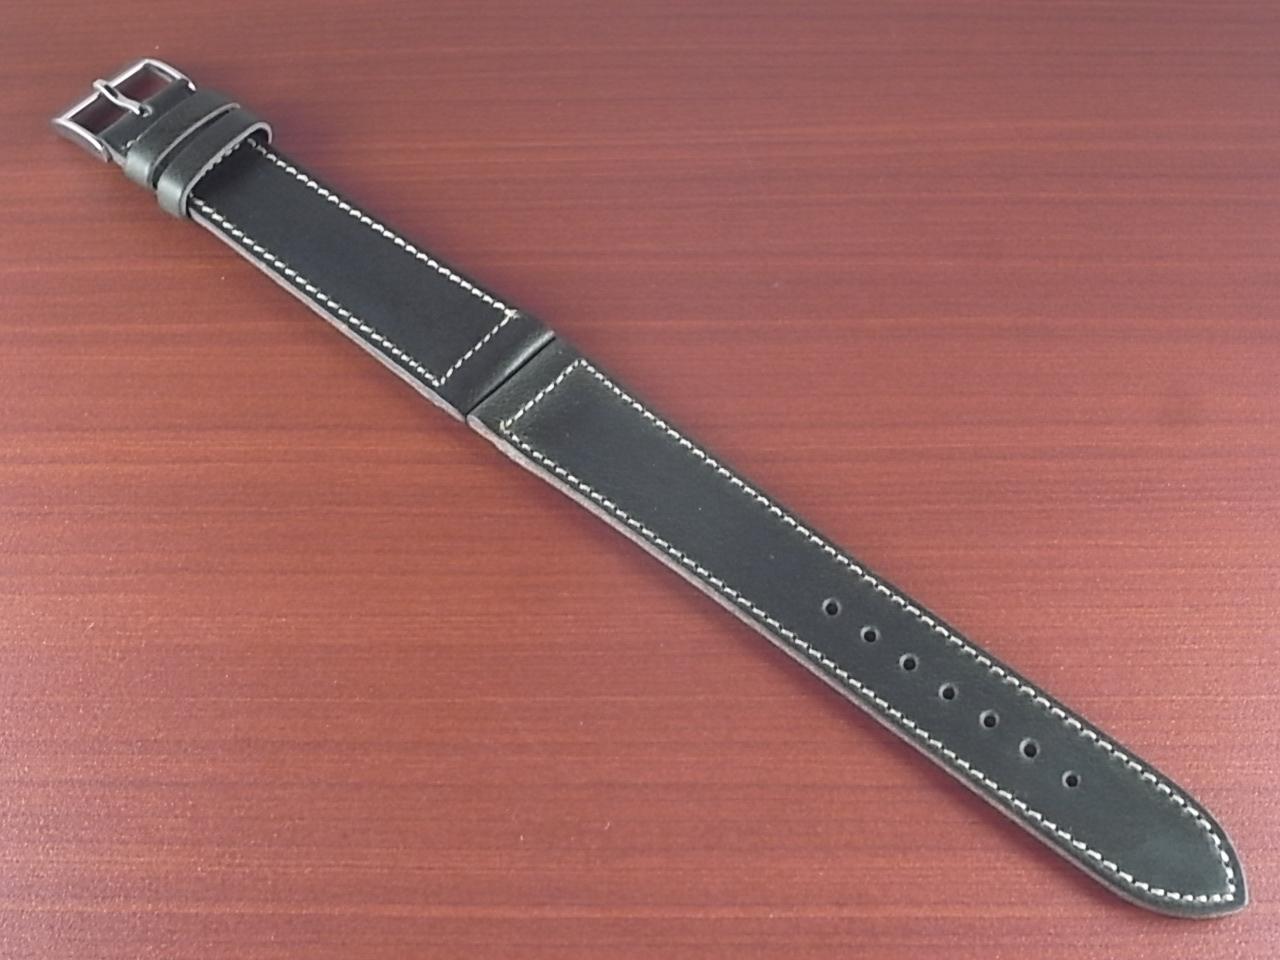 ホーウィン クロムエクセル レギュラー グリーン 16、17、18、19、20mmのメイン写真